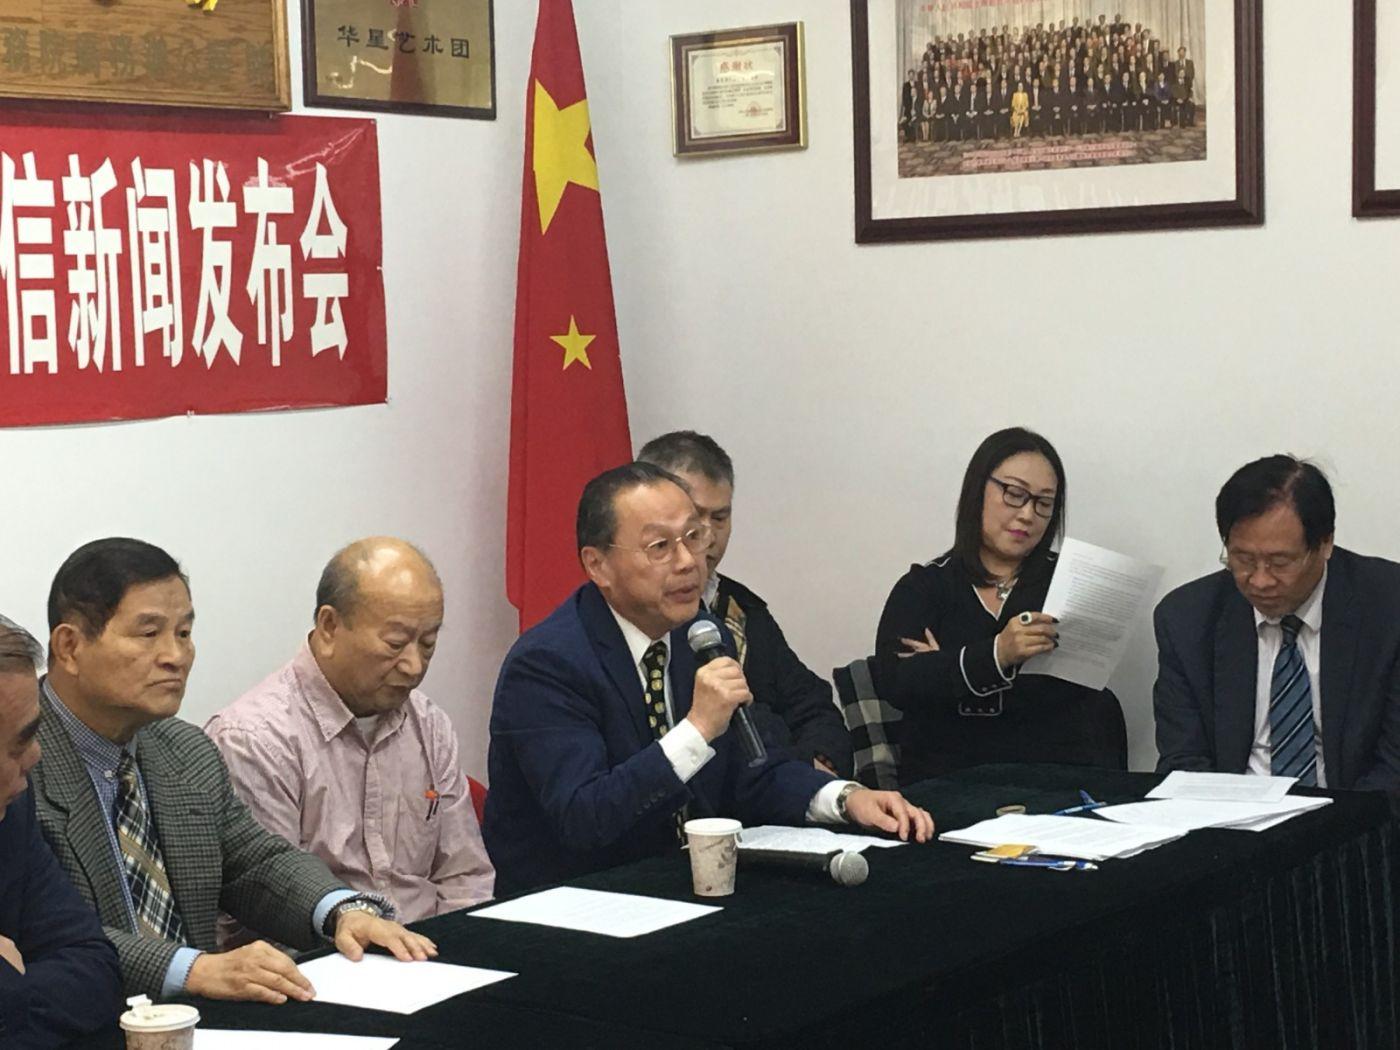 美東各界華僑華人致特朗普總統公開信新聞發佈會_图1-12